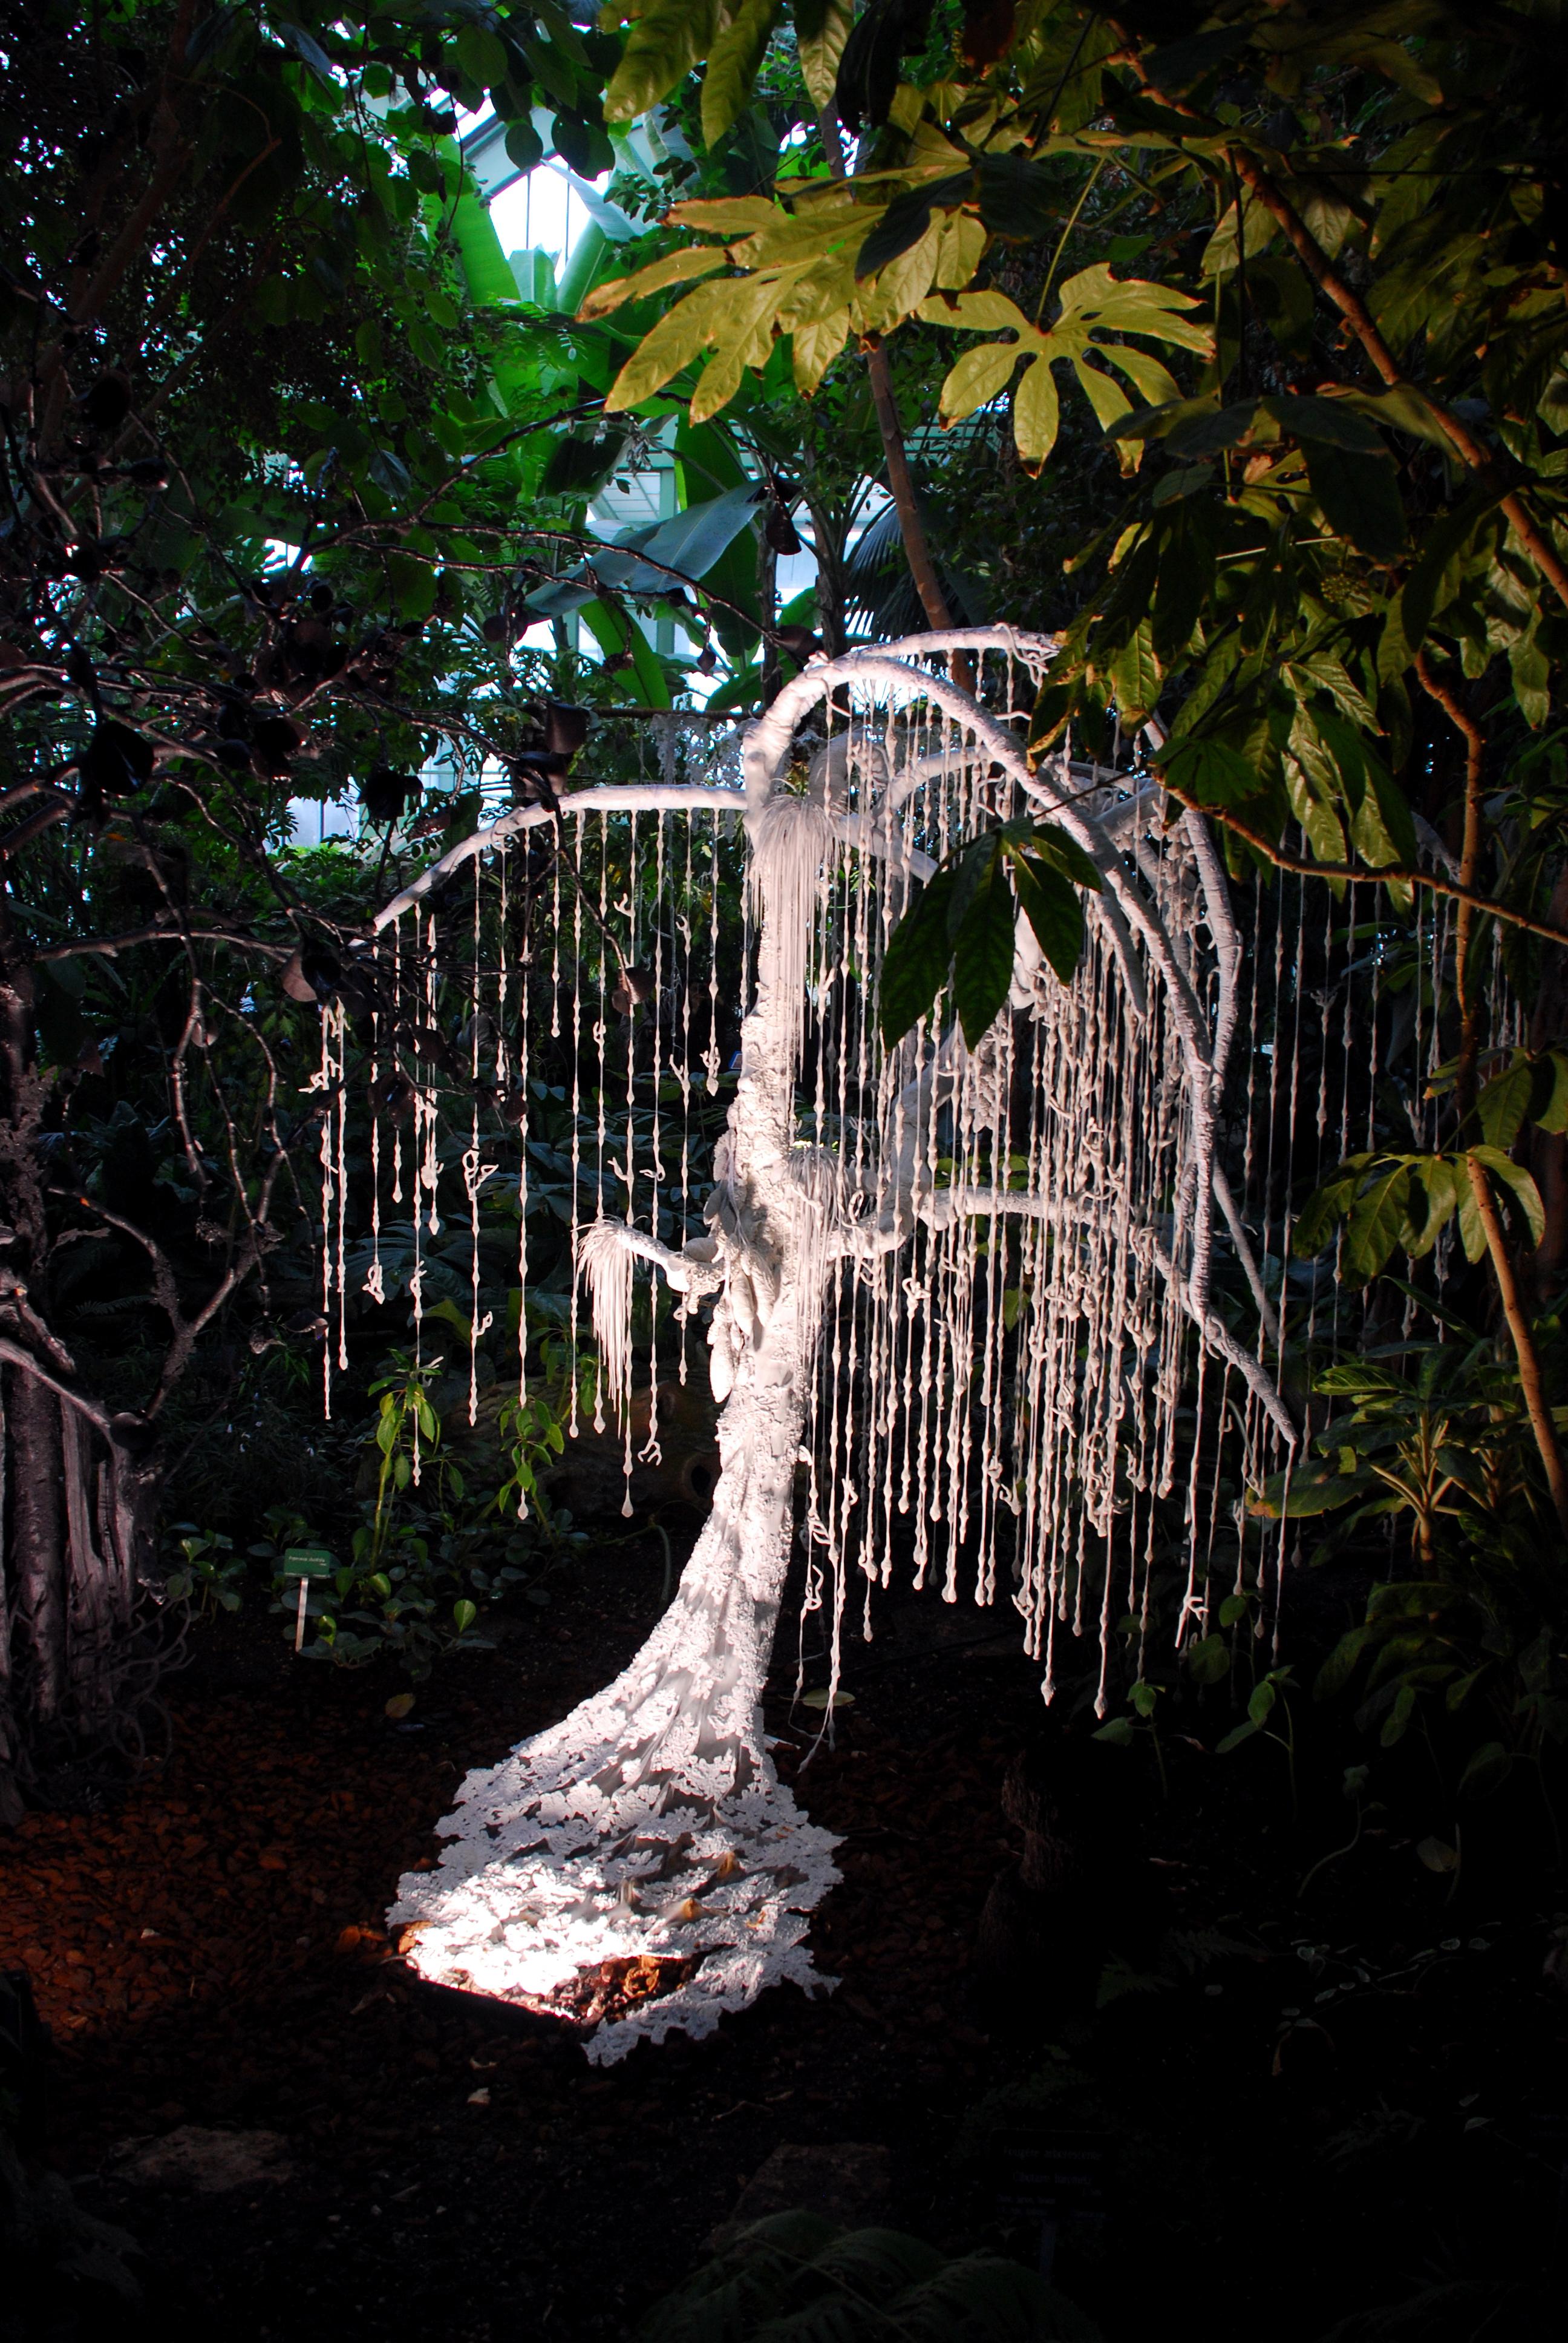 Les serres du jardin des plantes sublim e par une for Exposition jardin paris 2016